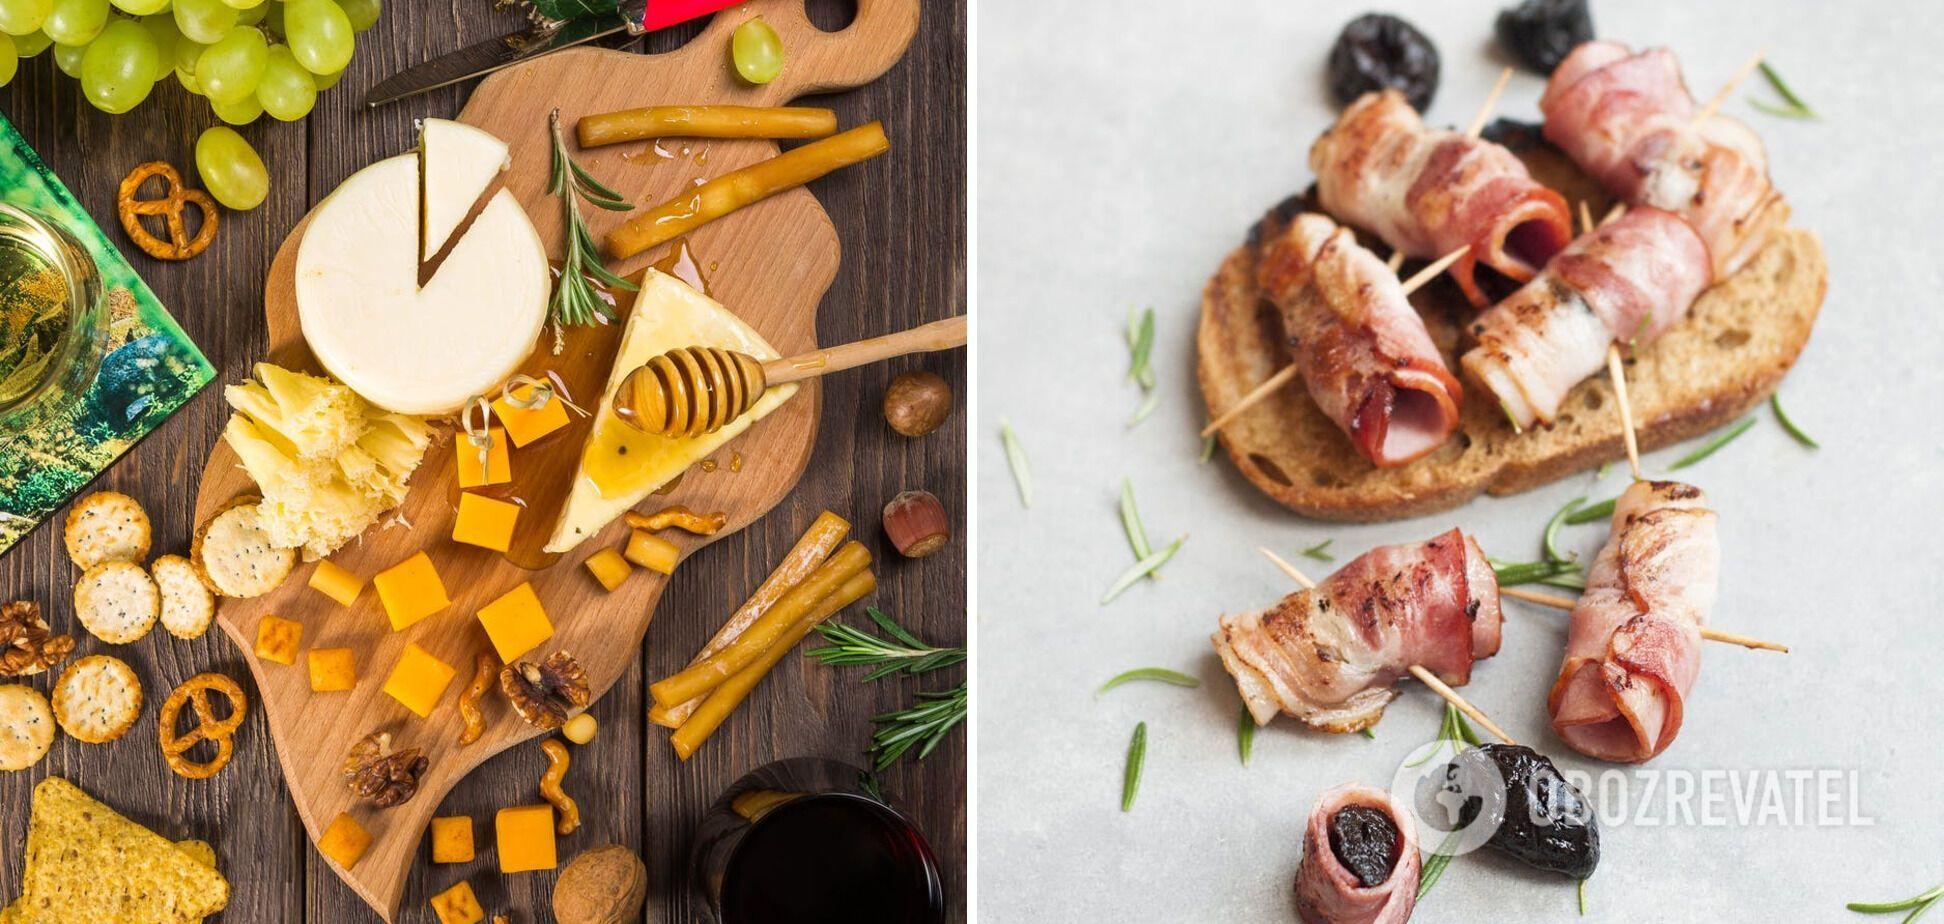 Смачна закуска – м'ясні рулети з сиром